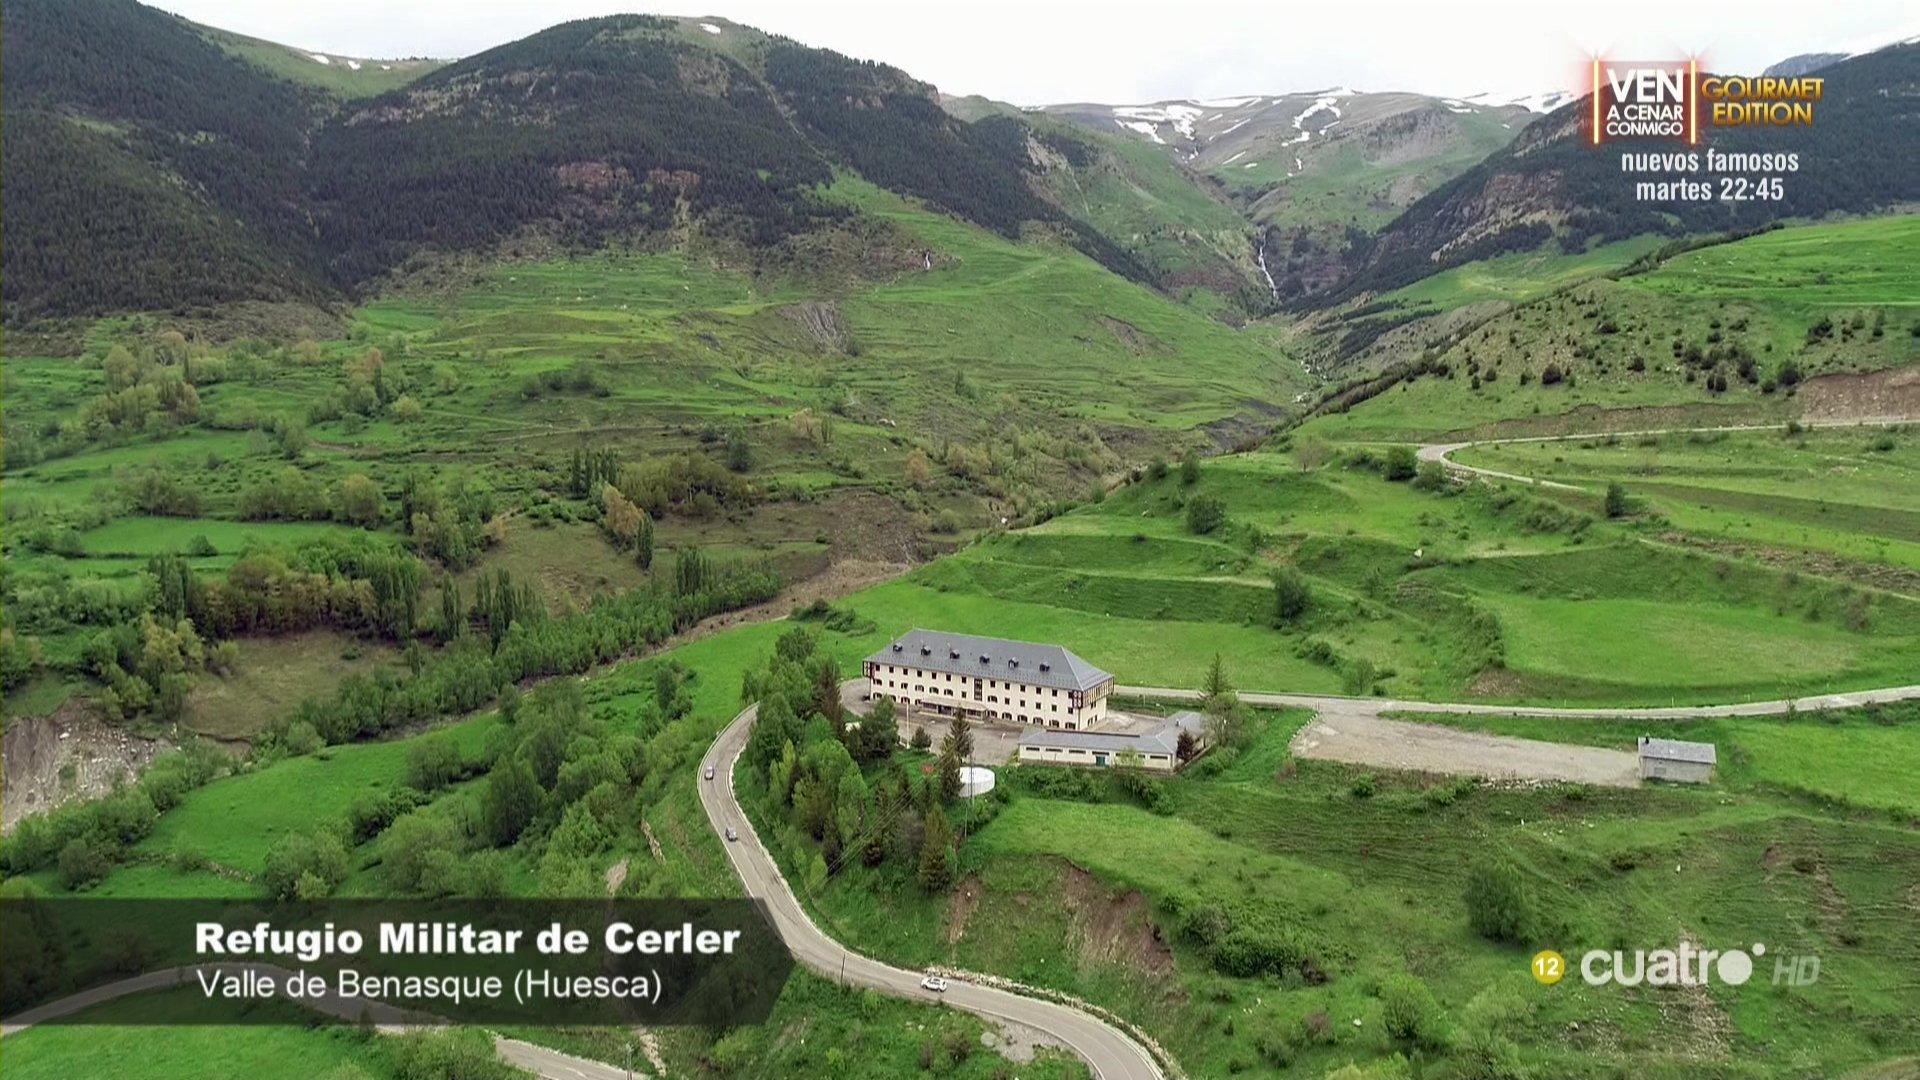 Refugio Militar de Cerler para Cuarto Milenio con drones